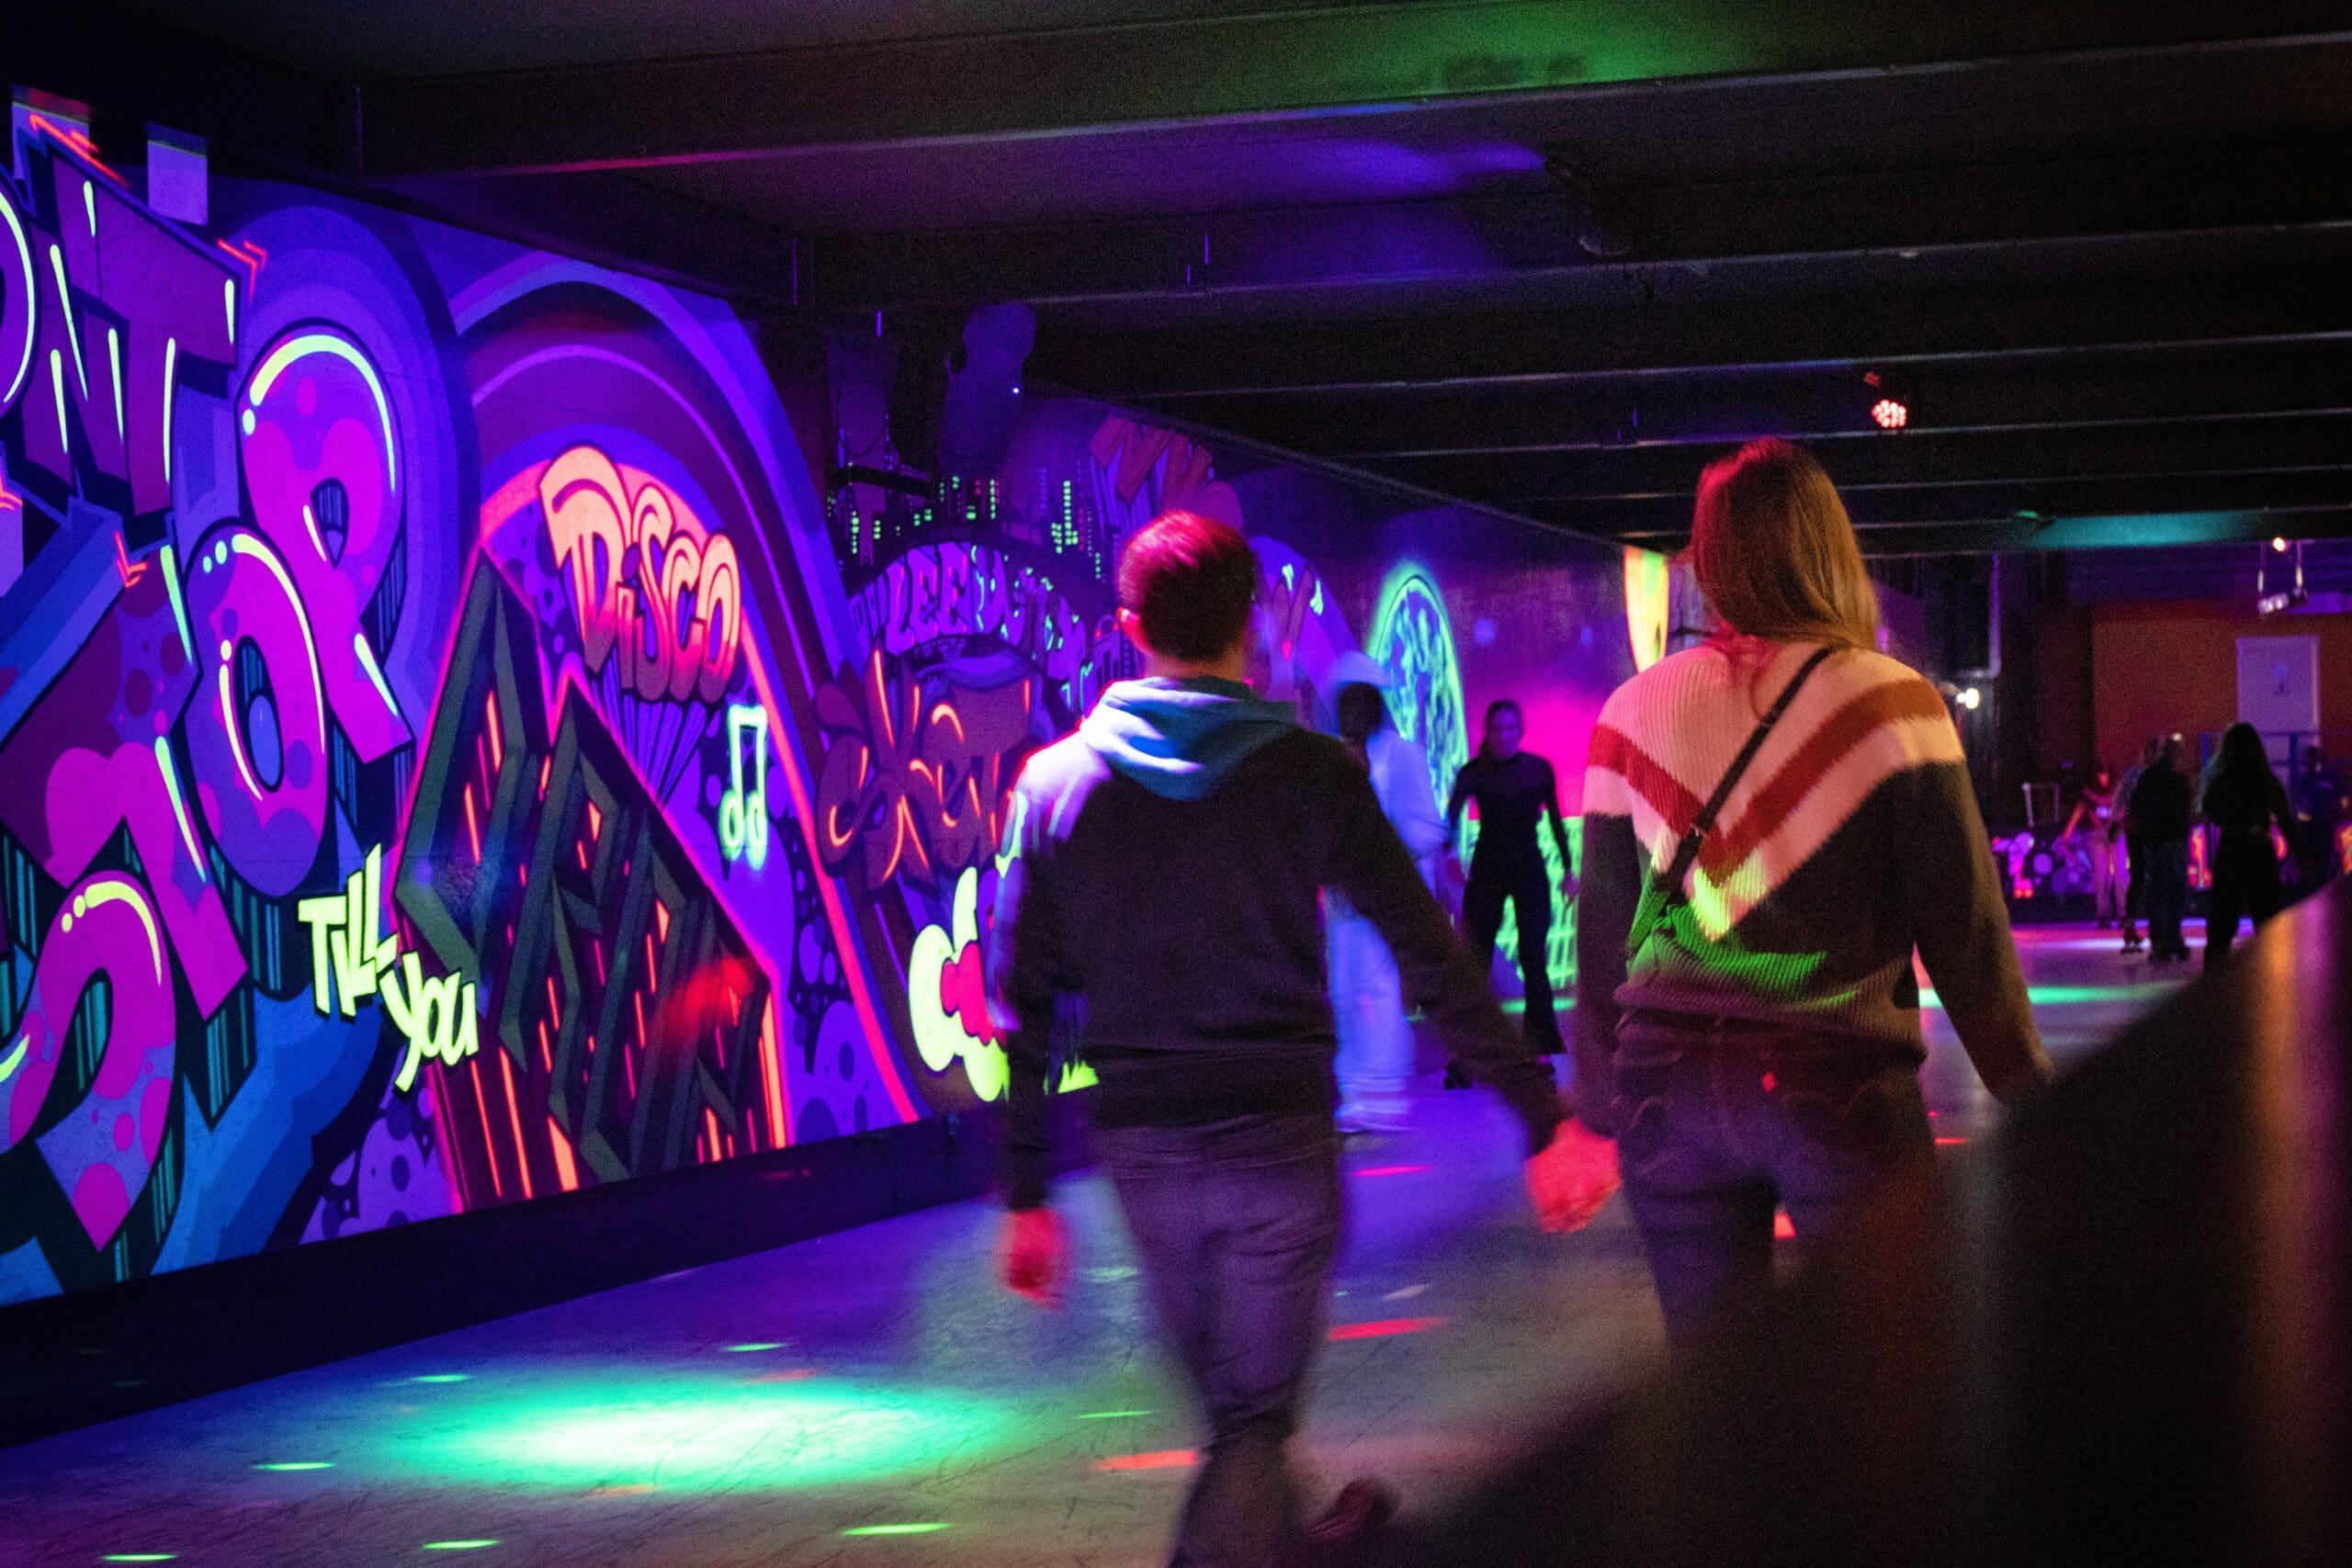 Koppel is aan het rolschaatsen op de rolschaatsbaan van Roller Planet Amsterdam.